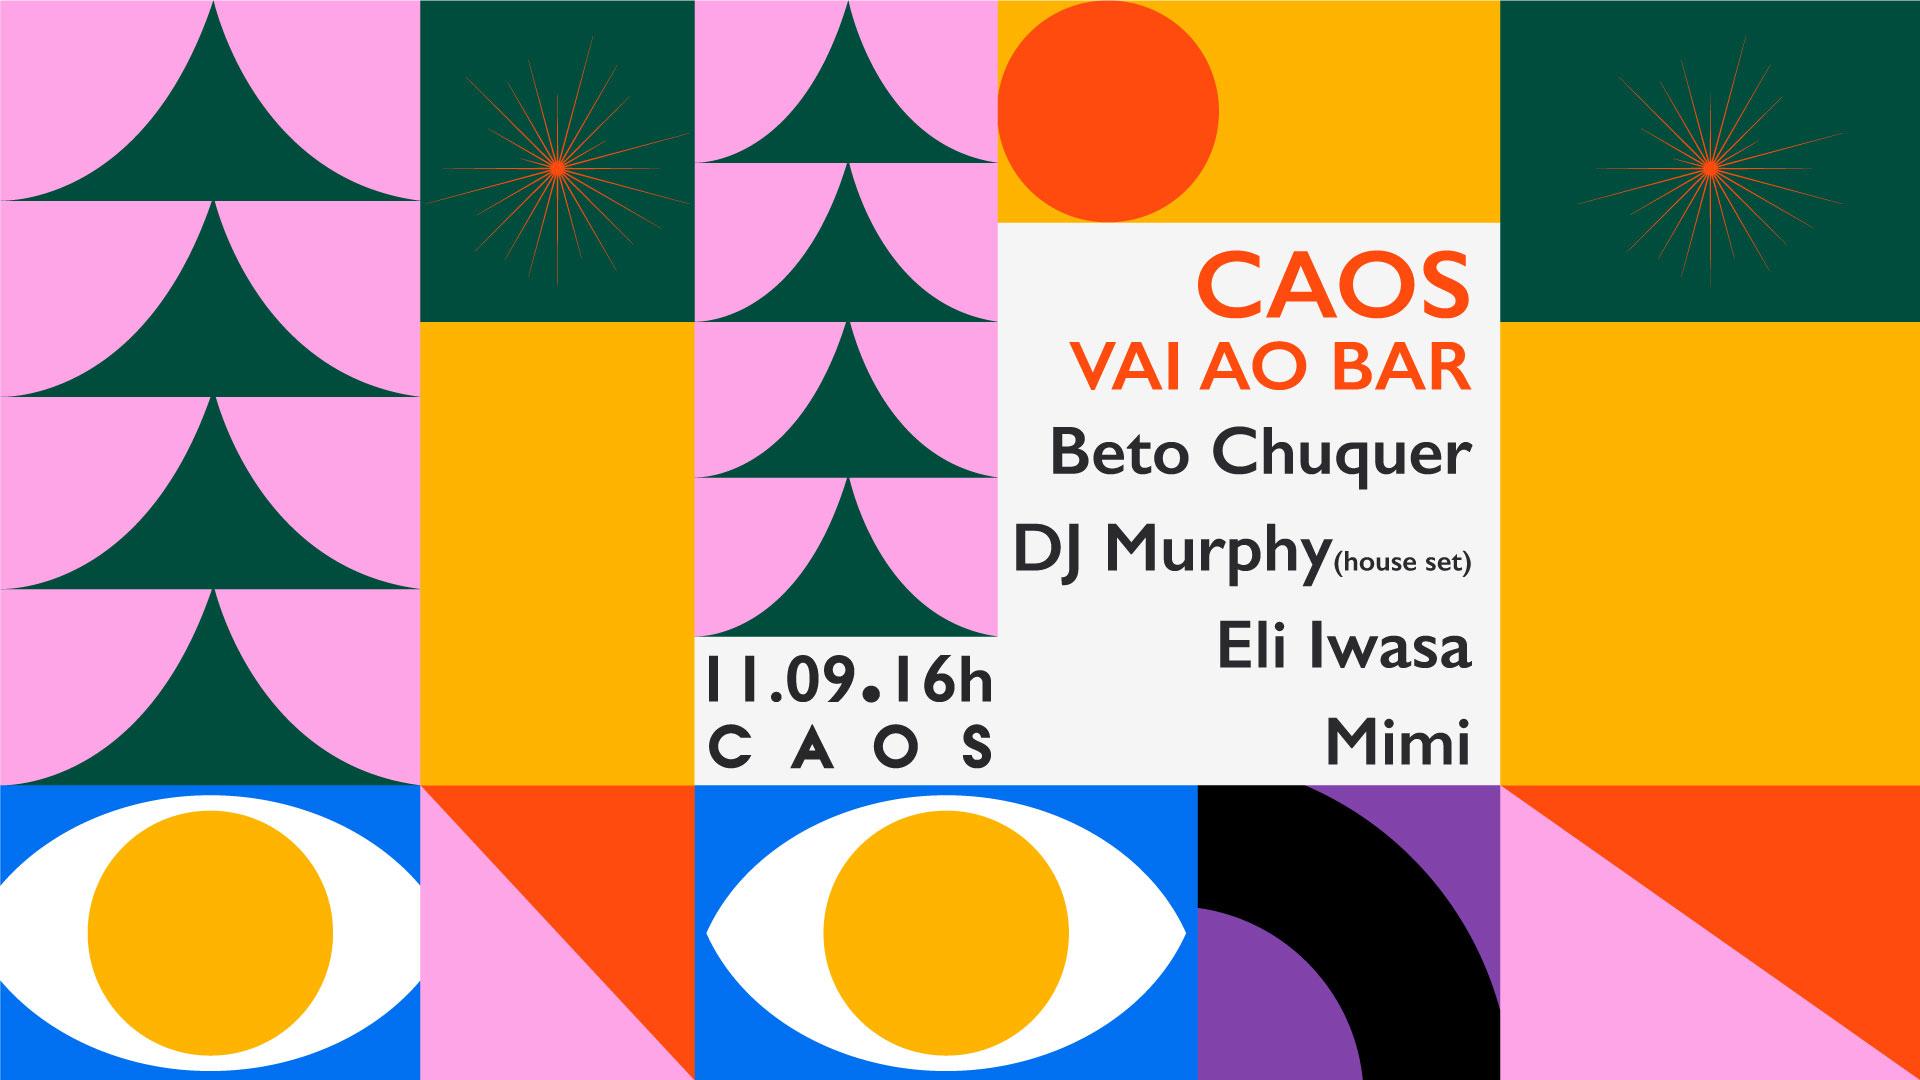 Caos vai ao Bar: Murphy, Eli Iwasa, Beto Chuquer e Mimi